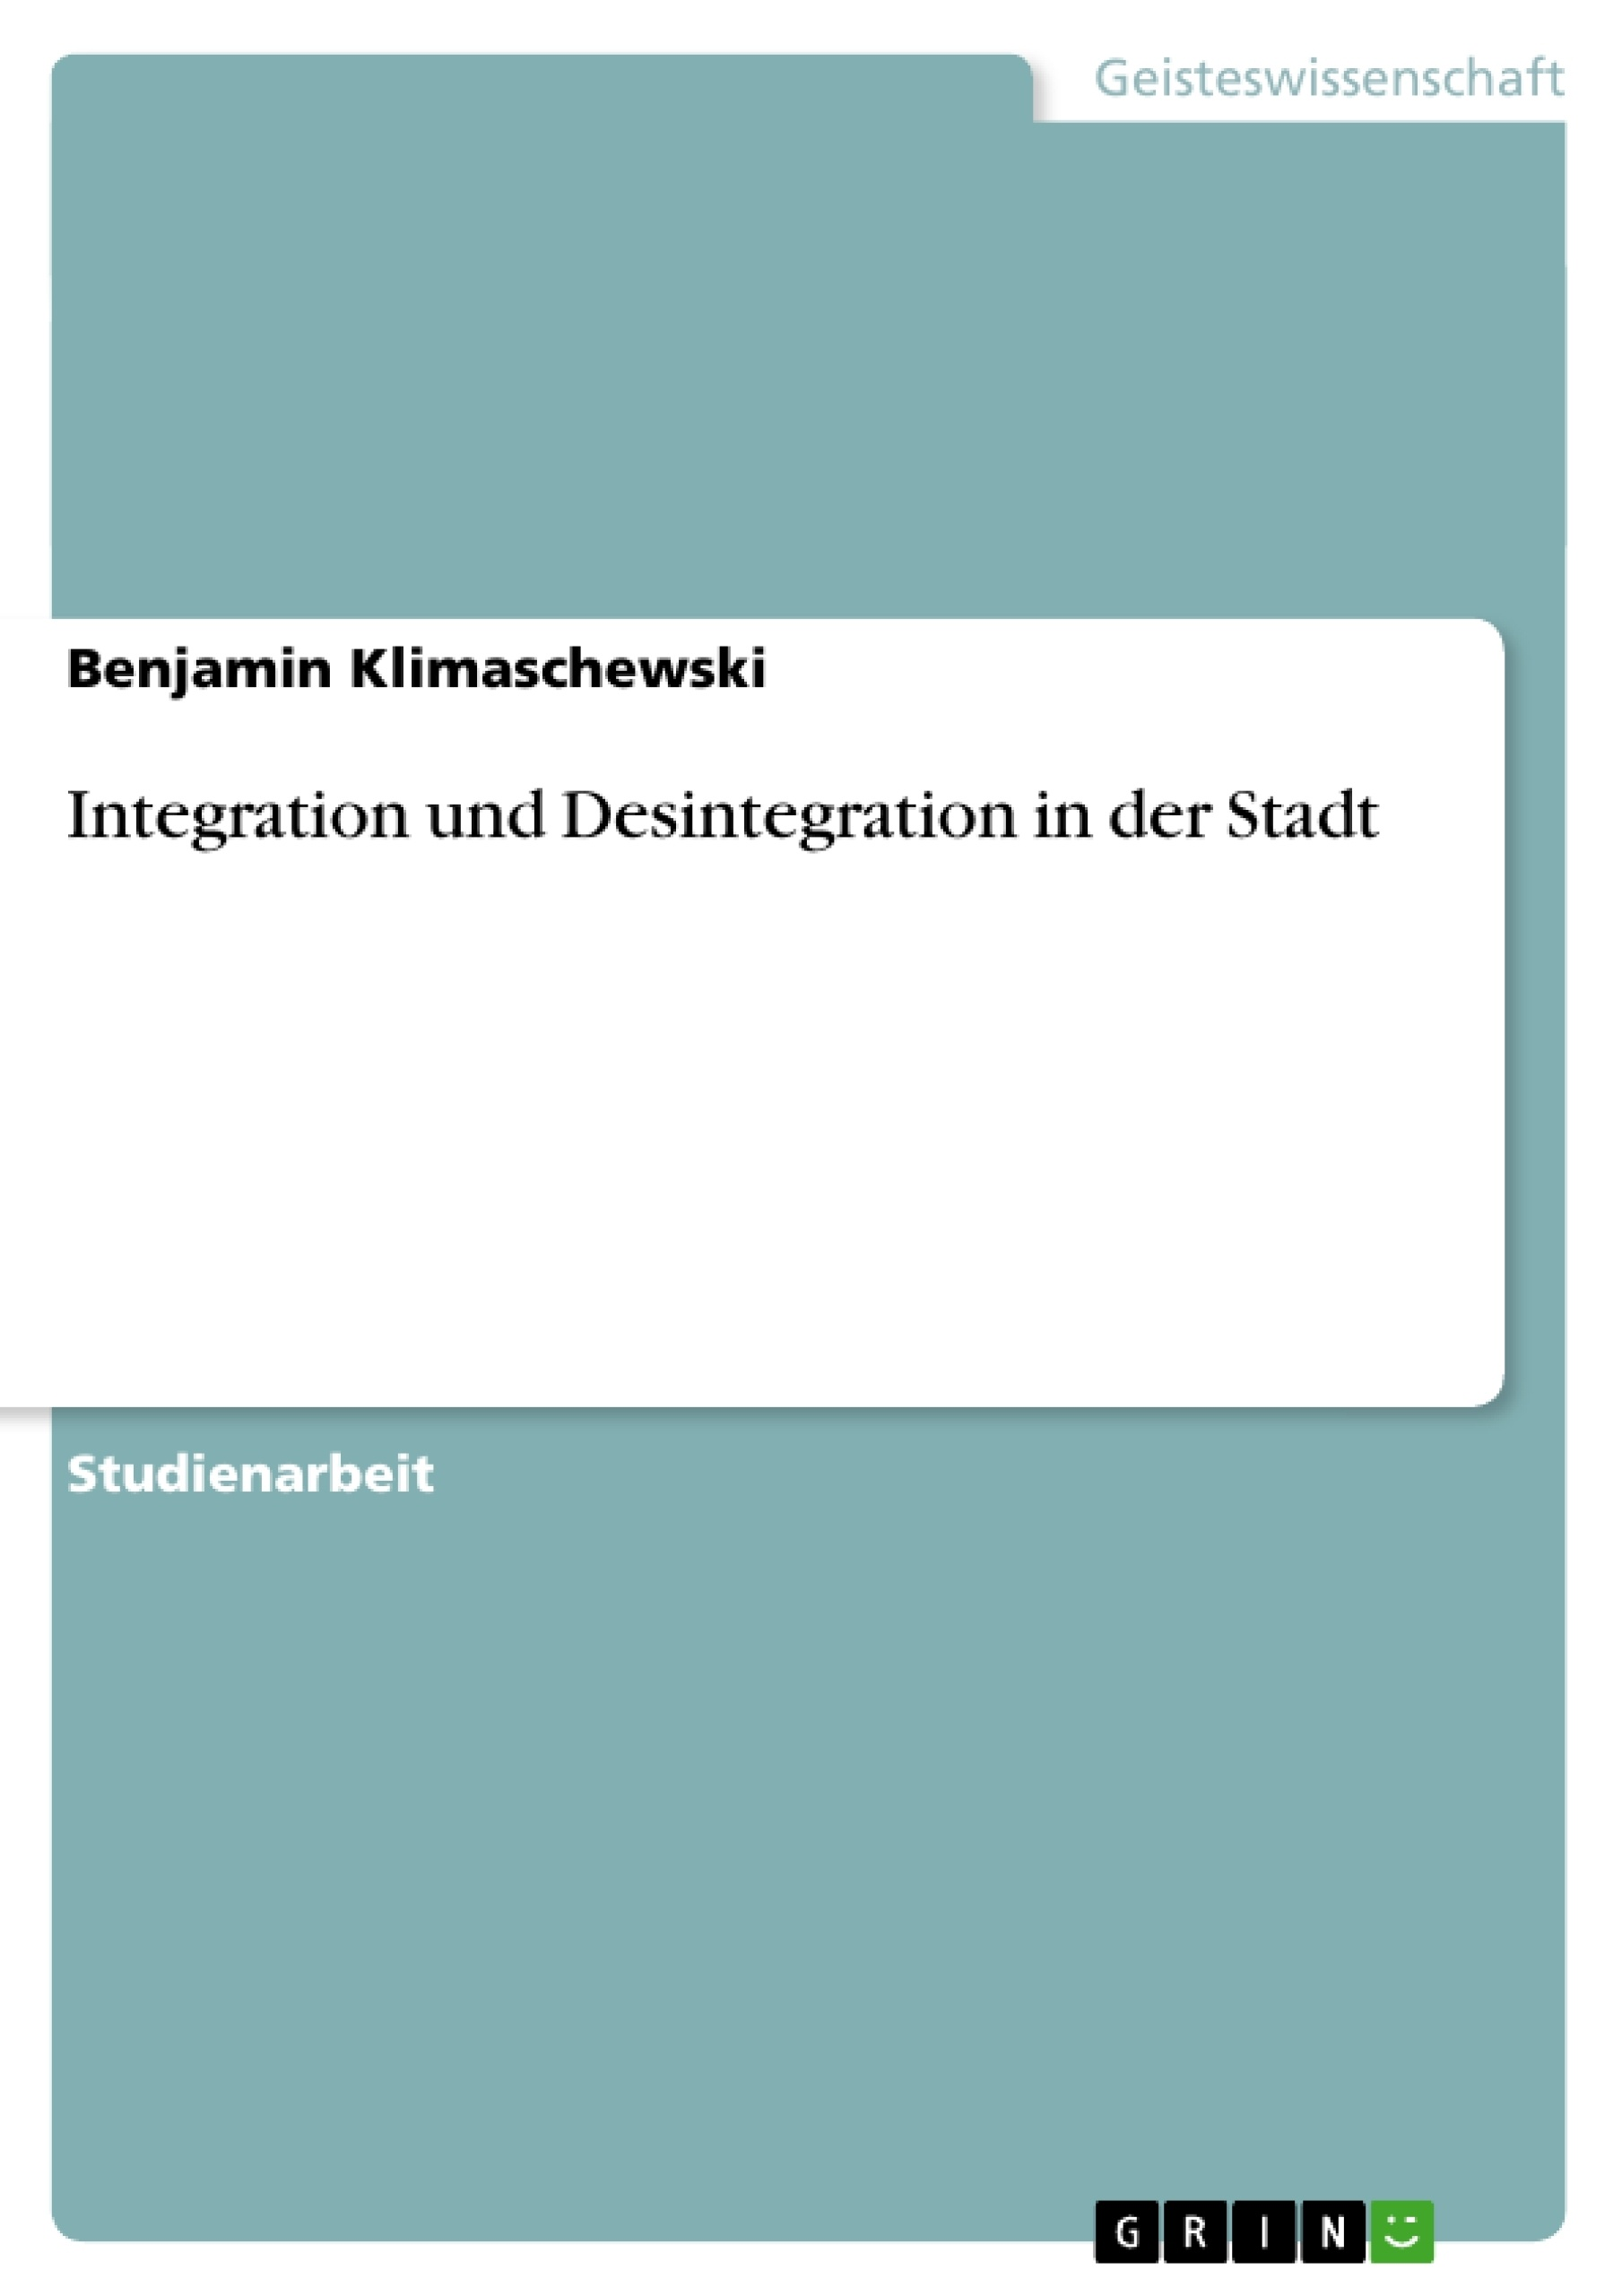 Titel: Integration und Desintegration in der Stadt